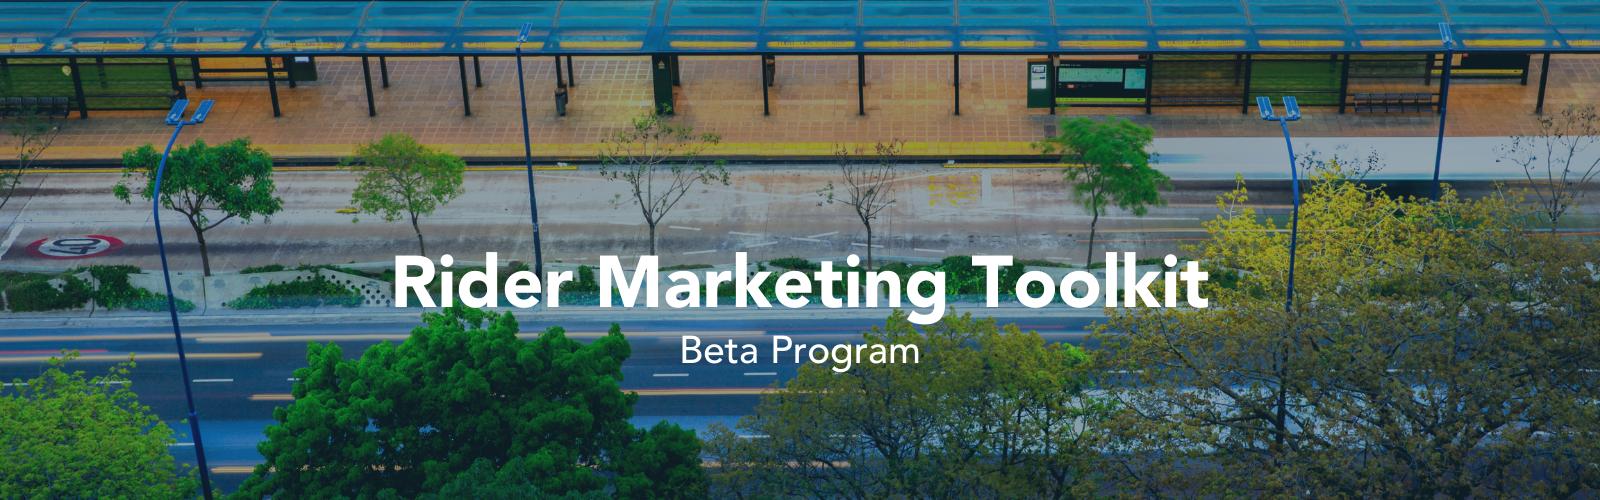 Landing Page Banner - Rider Marketing Toolkit